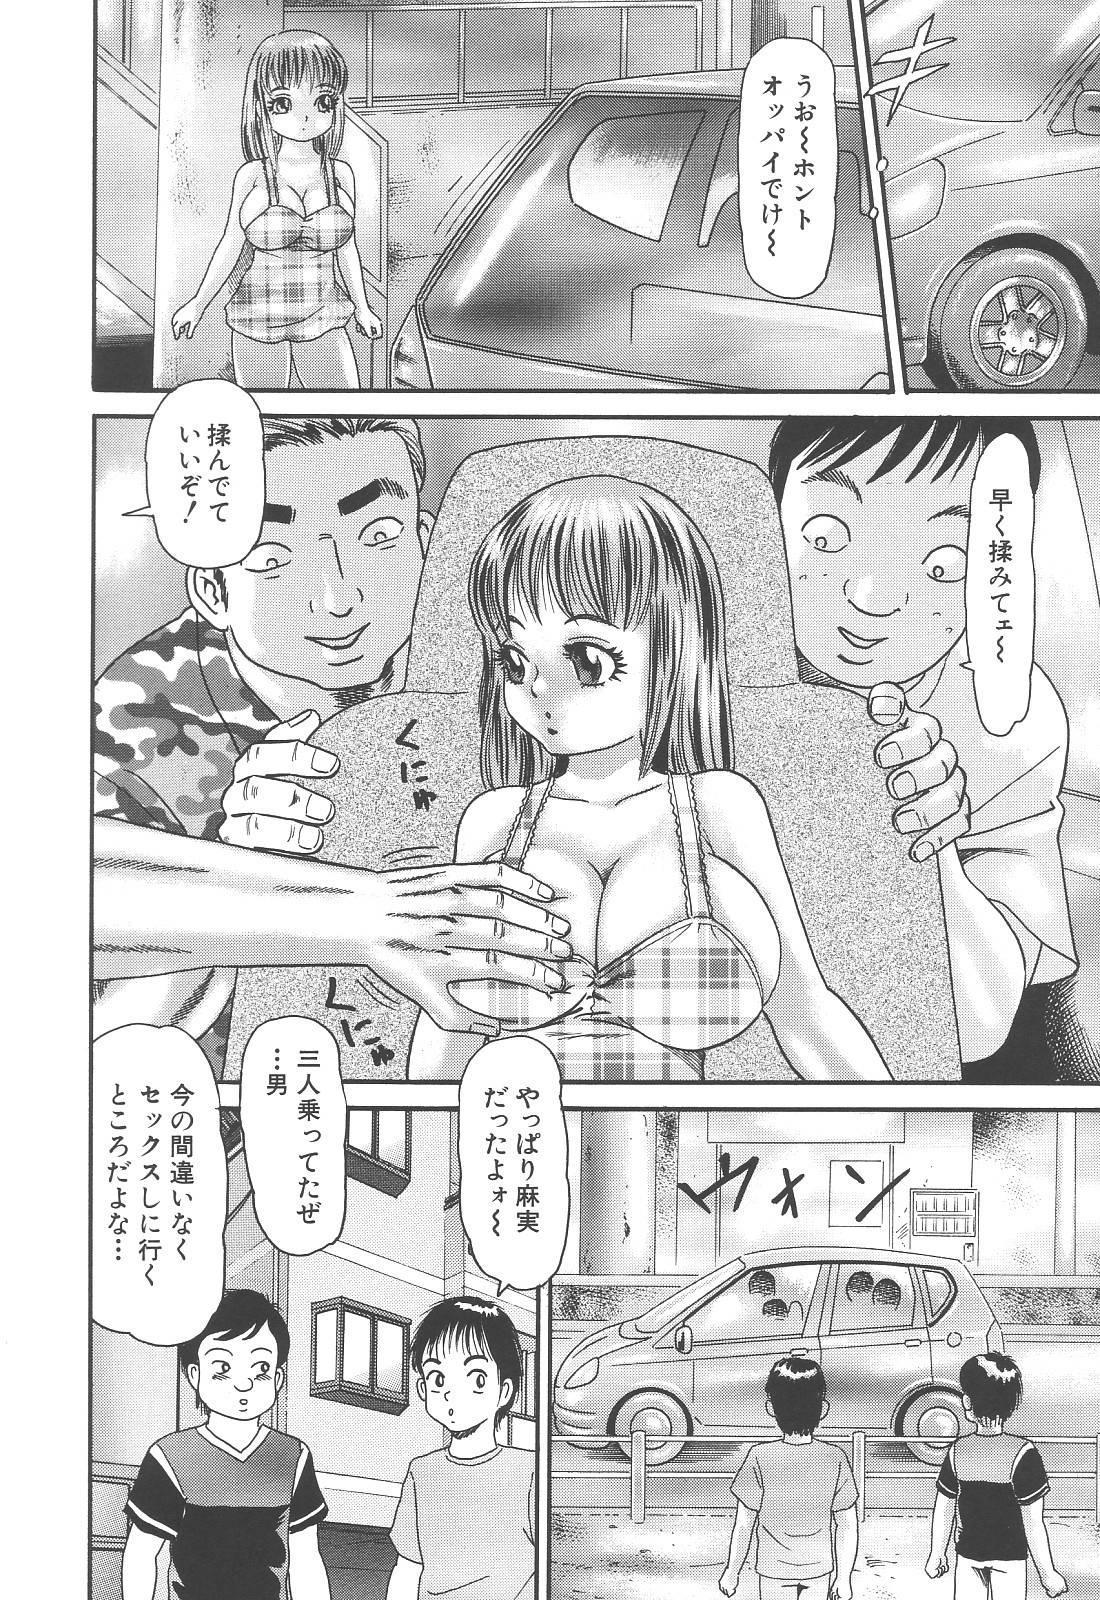 Bakunyuu Kyousei Rinkan 83